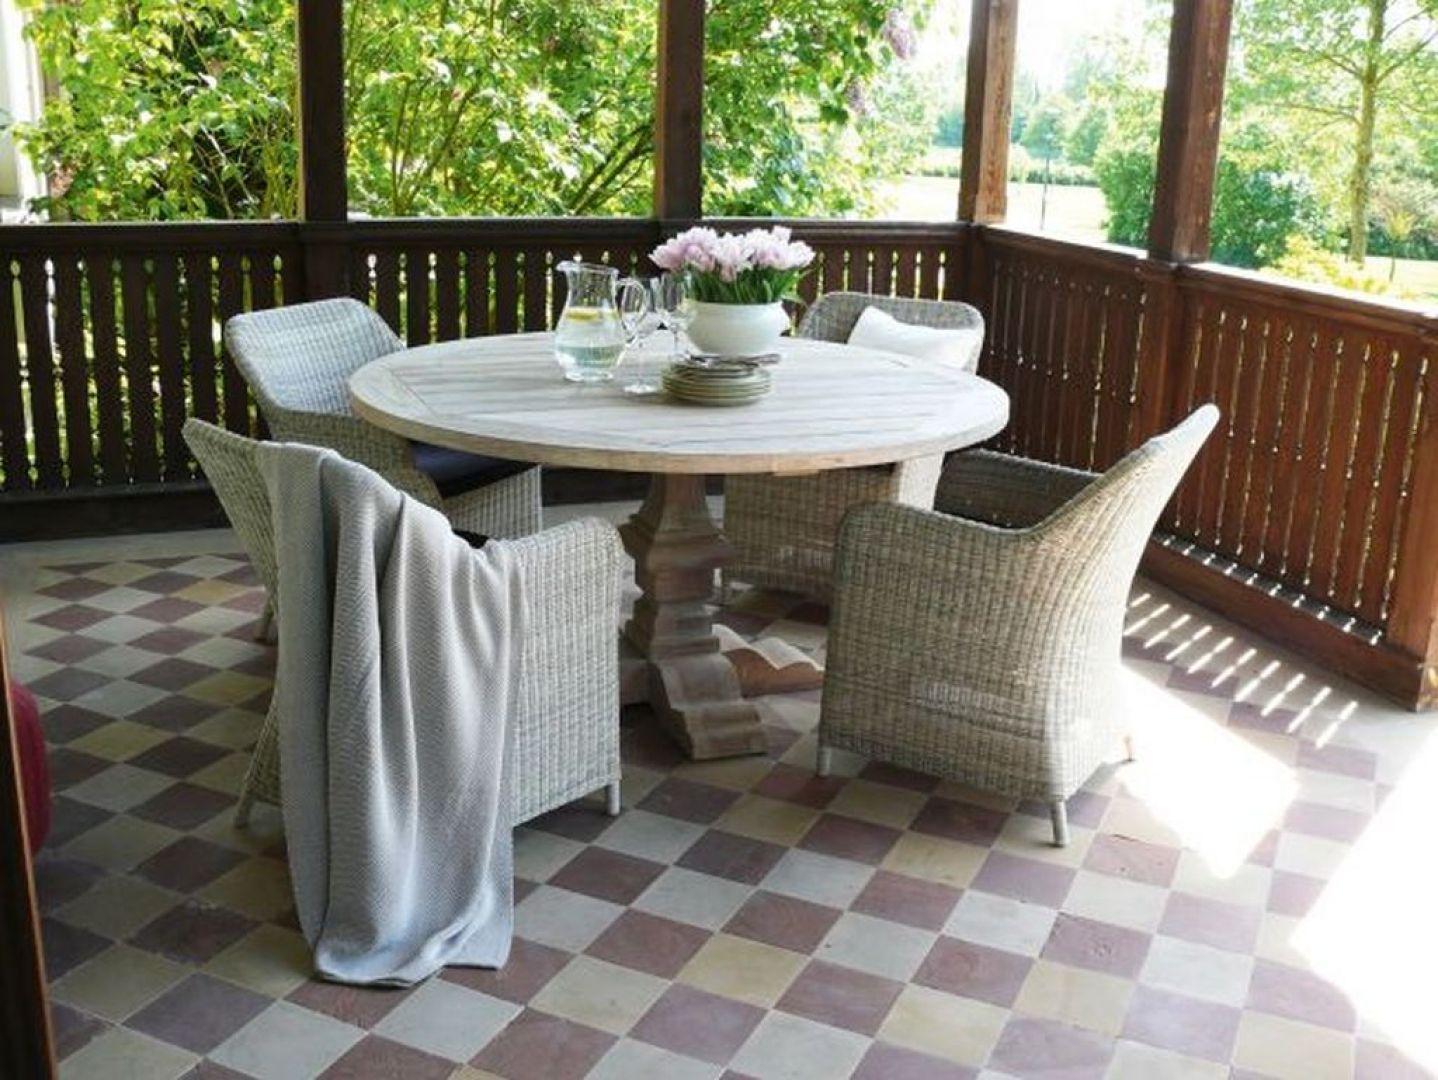 Wygodne meble outdoorowe wcale nie muszą mieć ogromnych gabarytów, tak jak mały balkon nie oznacza konieczności rezygnowania z komfortowego wypoczynku. Fot. Miloo Home